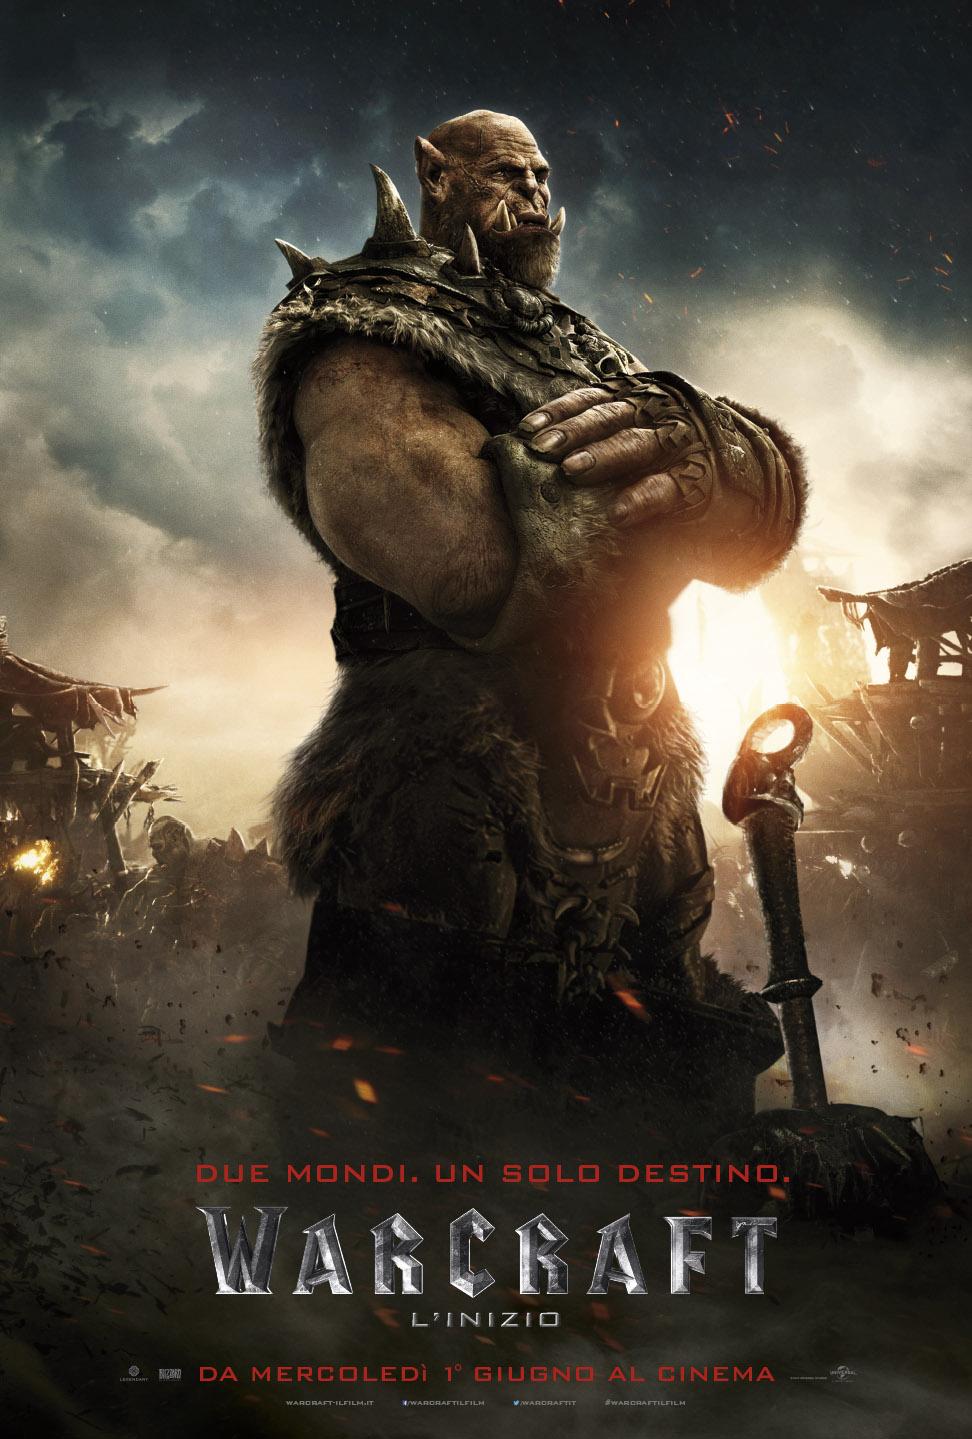 Warcraft - L'inizio: il character poster italiano di Orgrim Martelfato